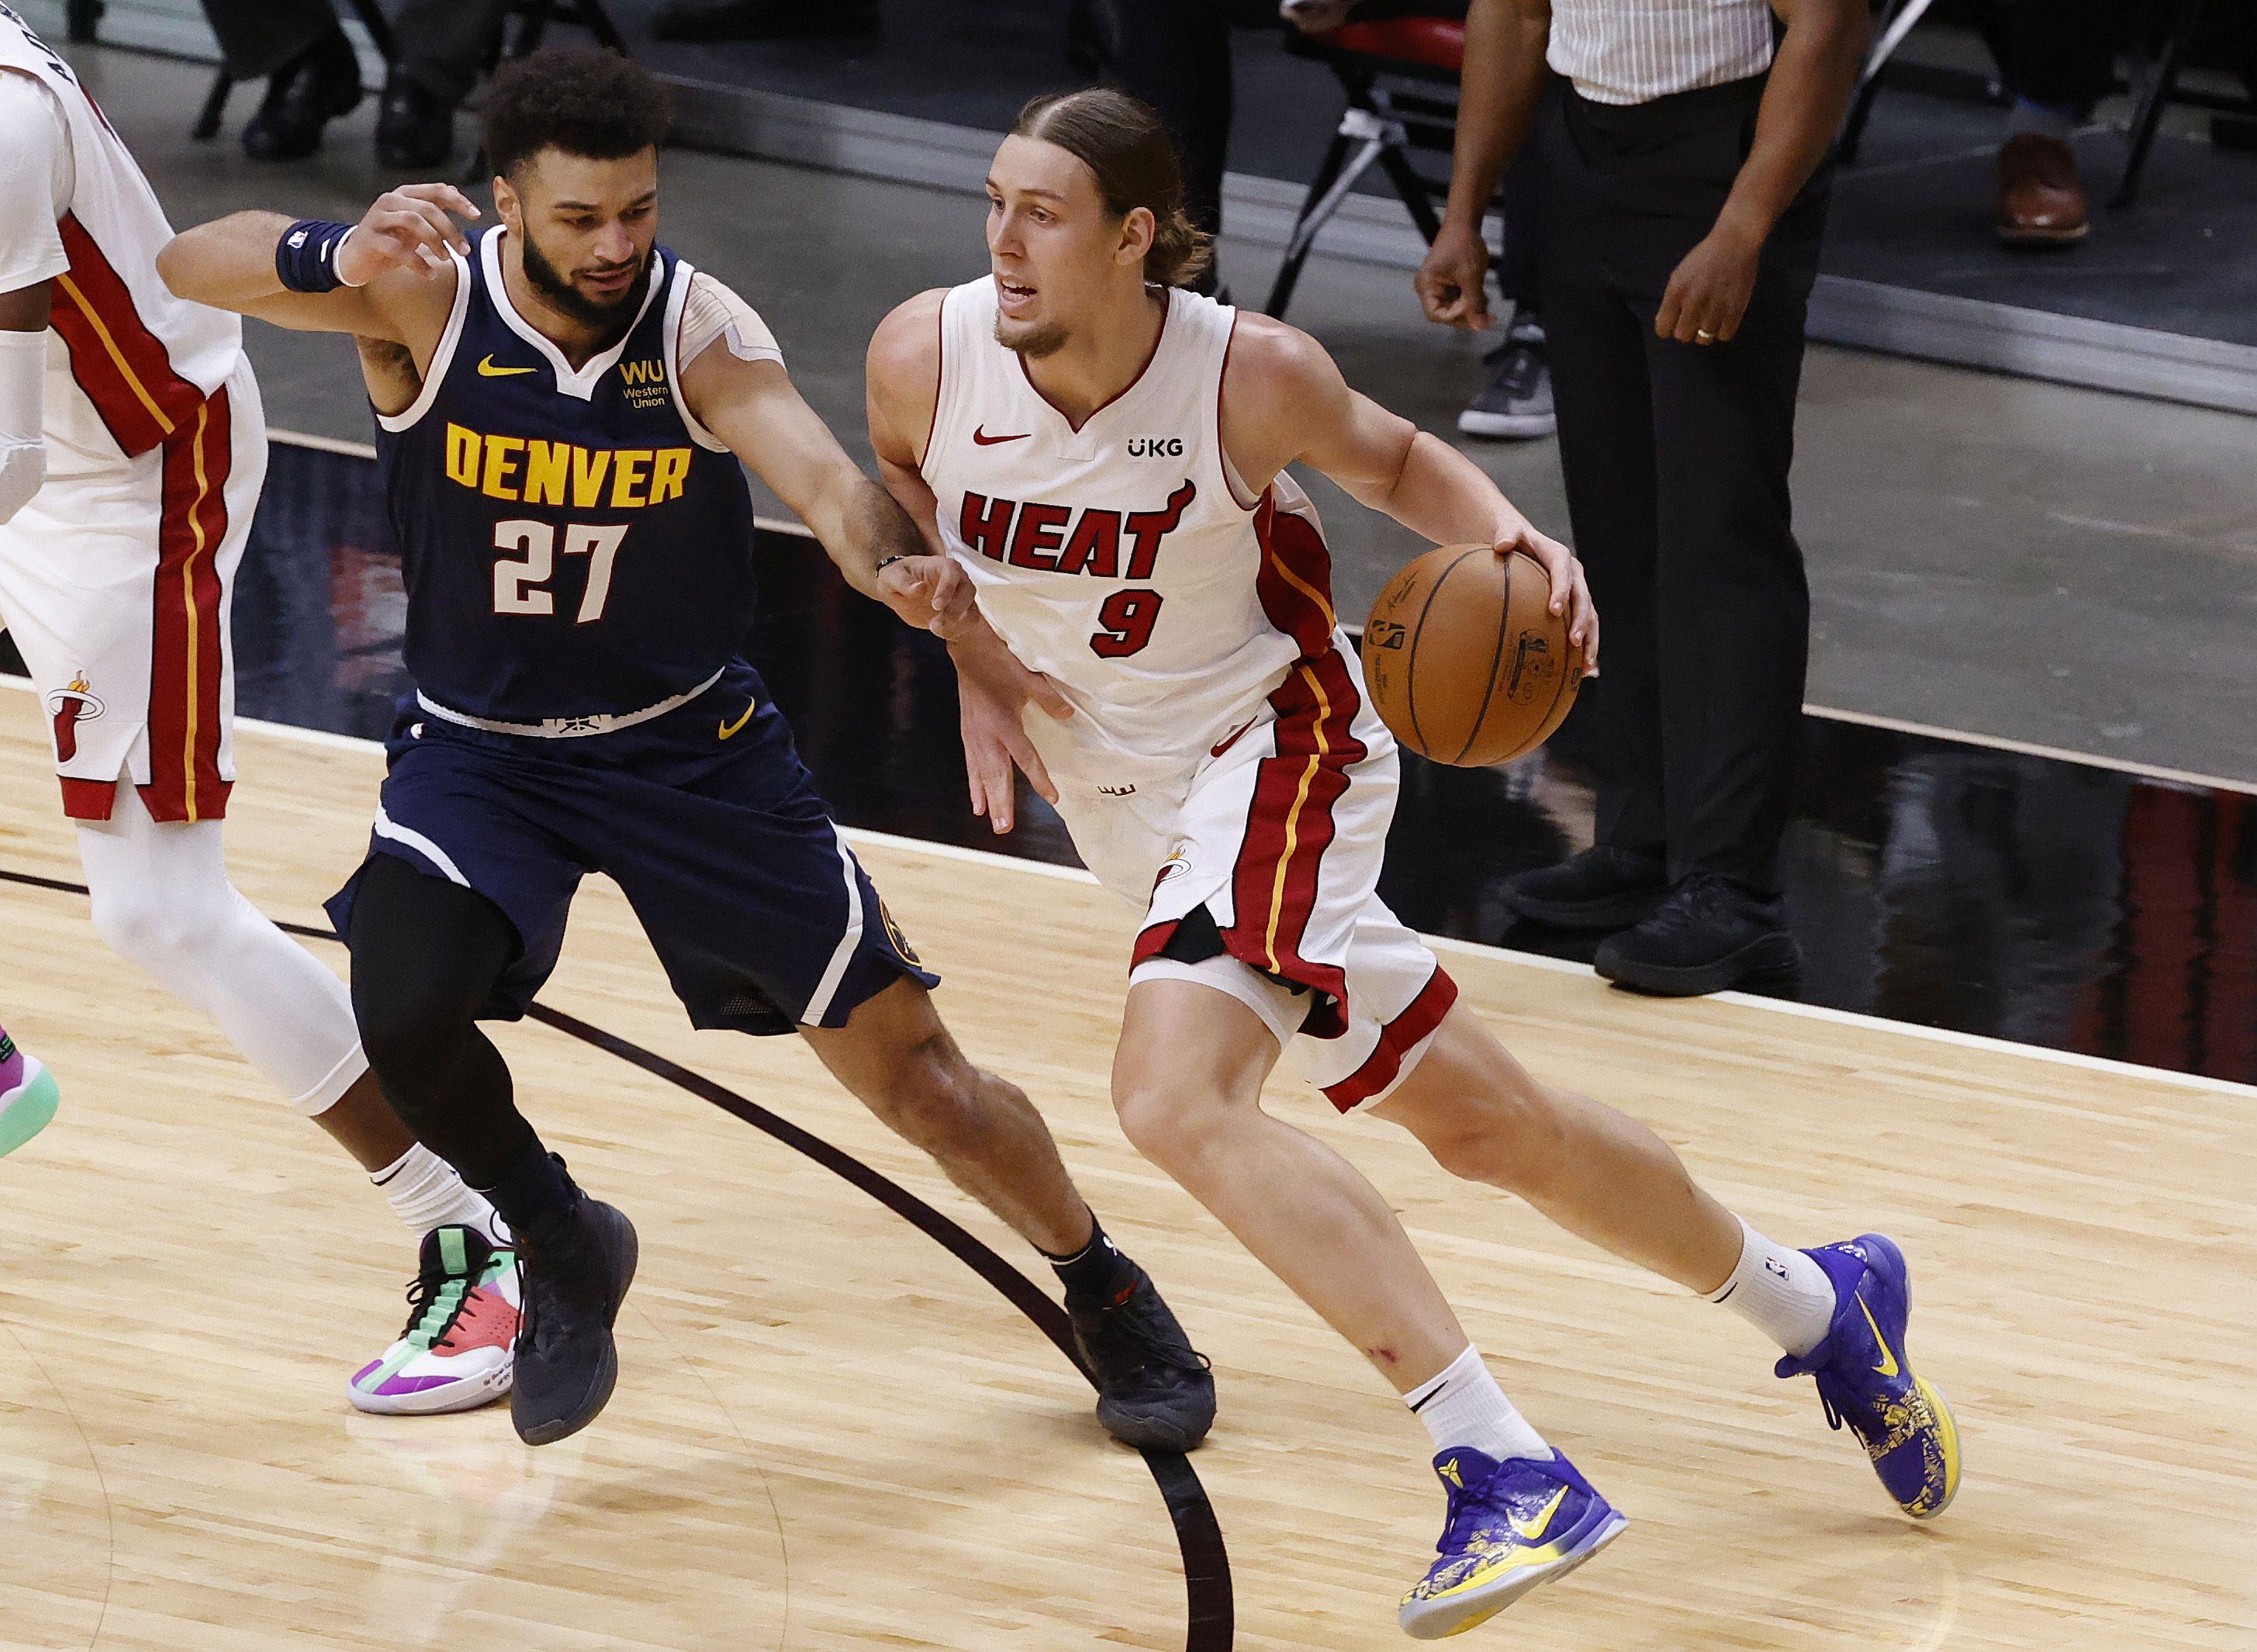 Denver Nuggets derrotó a Miami Heat y sumó su quinto triunfo al hilo (Mandatory Credit: Rhona Wise-USA TODAY Sports)